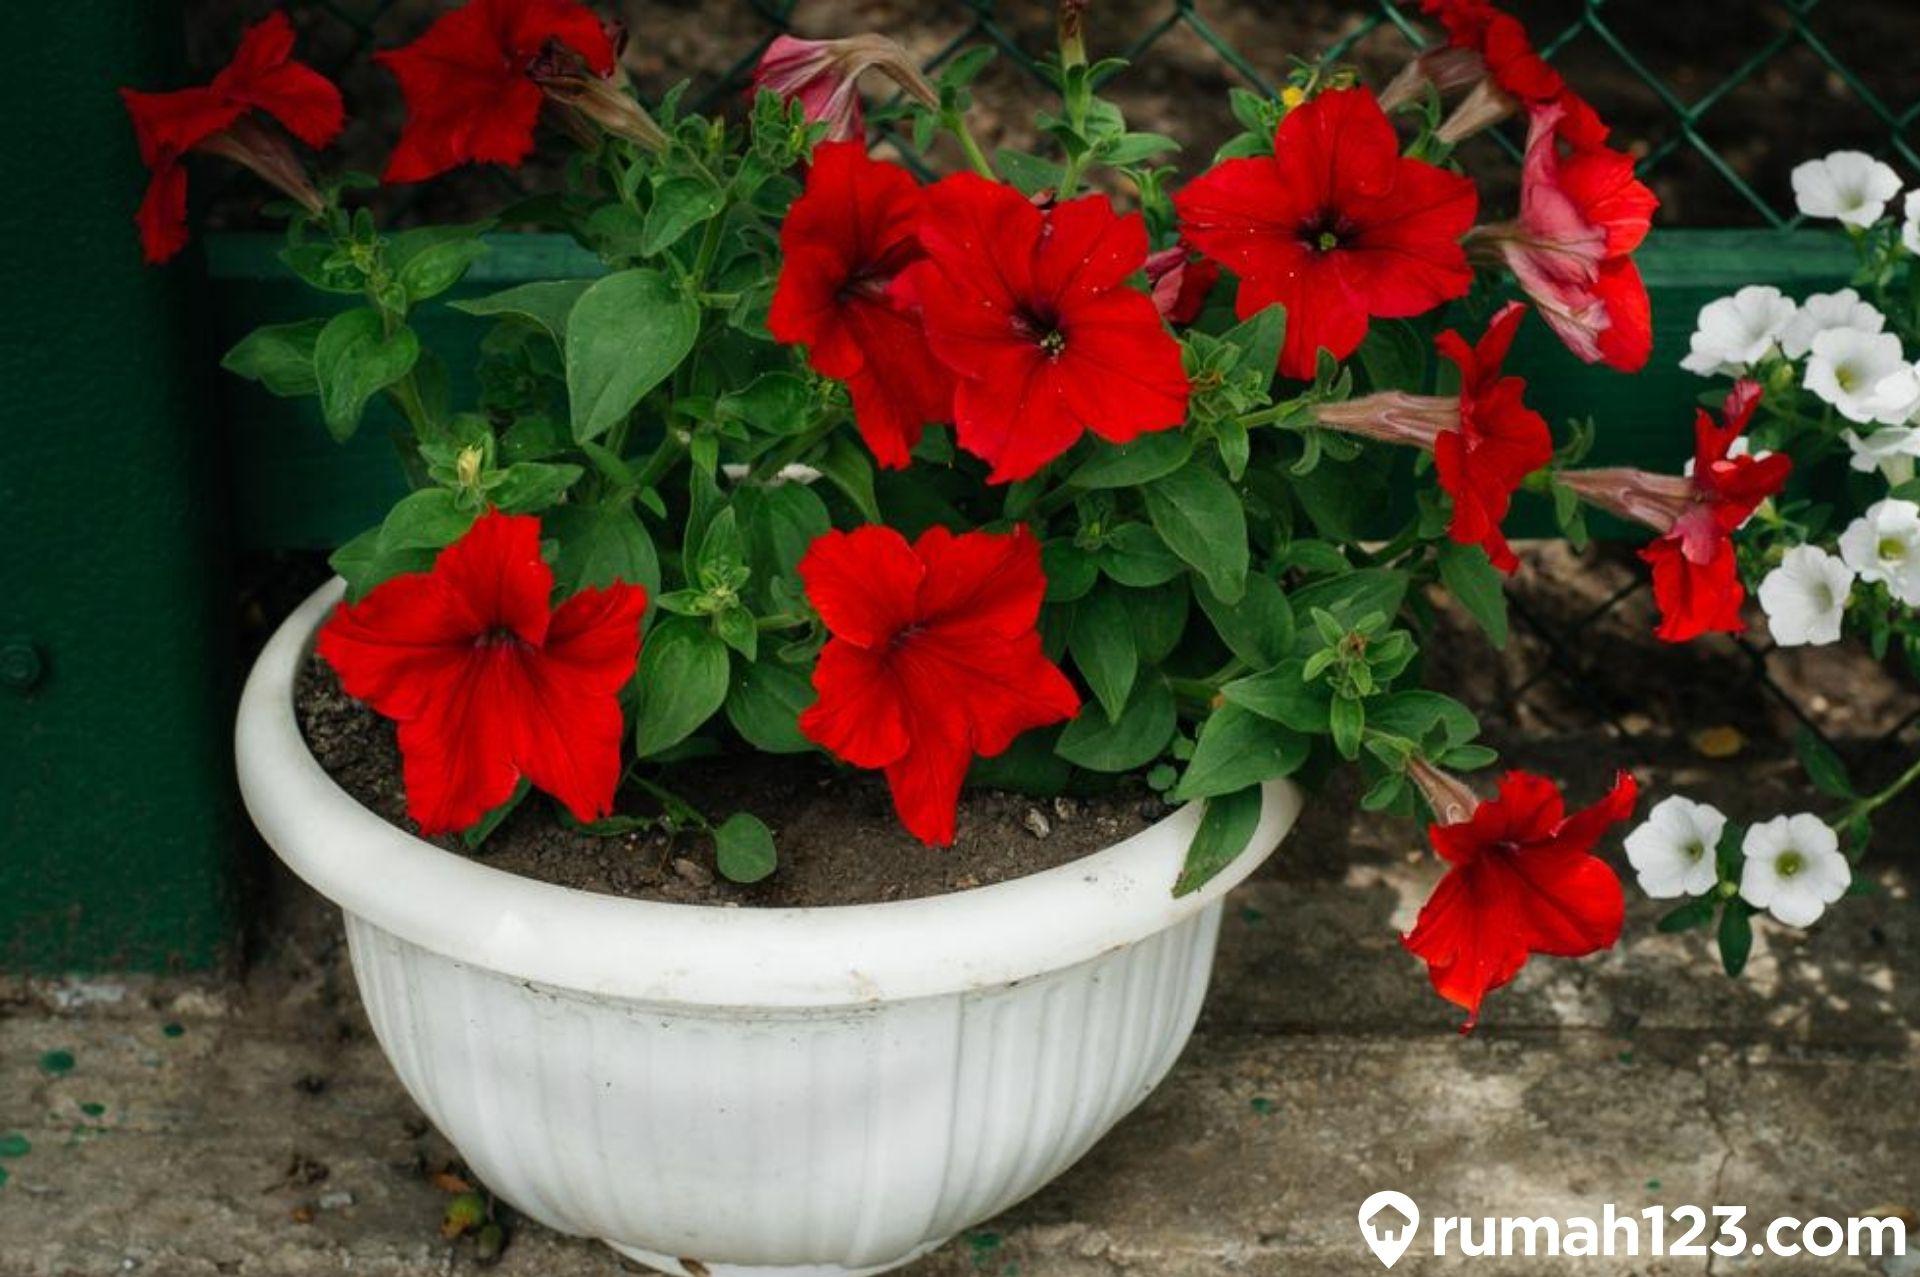 12 Tanaman Hias Bunga Ini Bisa Meningkatkan Estetika Halaman Rumah Rumah123 Com